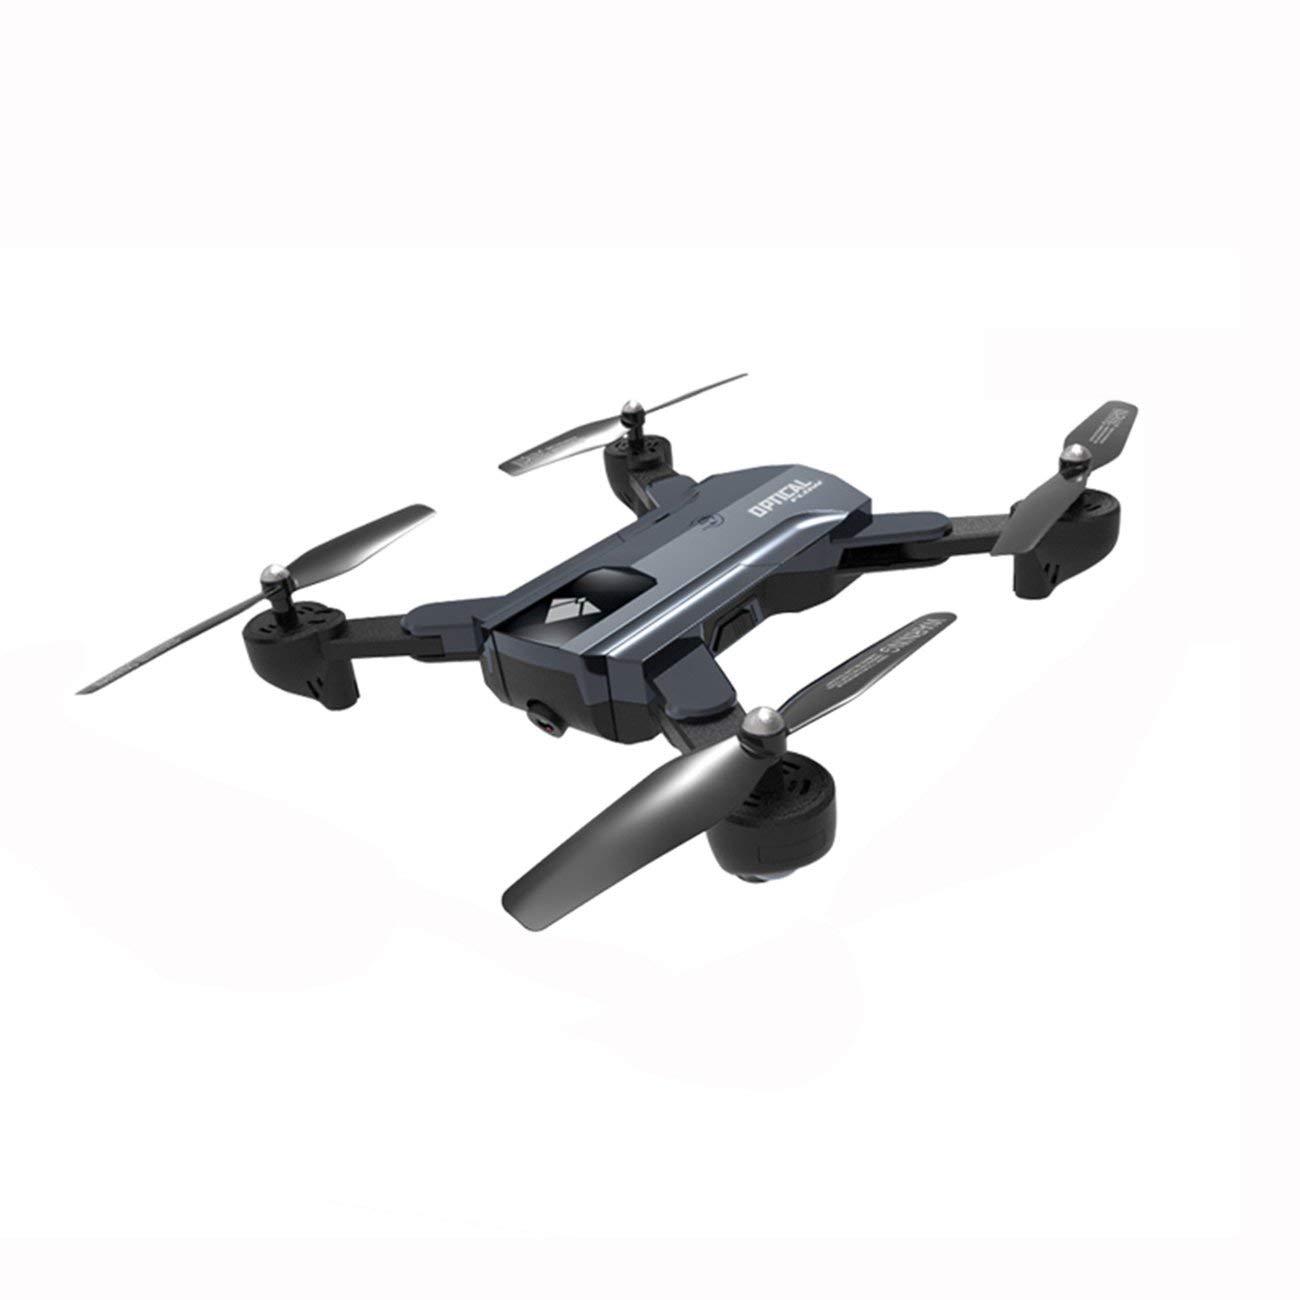 LasVogos F196 Flujo óptico Plegable Quadcopter RC Aviones no tripulados con 2MP la cámara de la batería 2200mAh